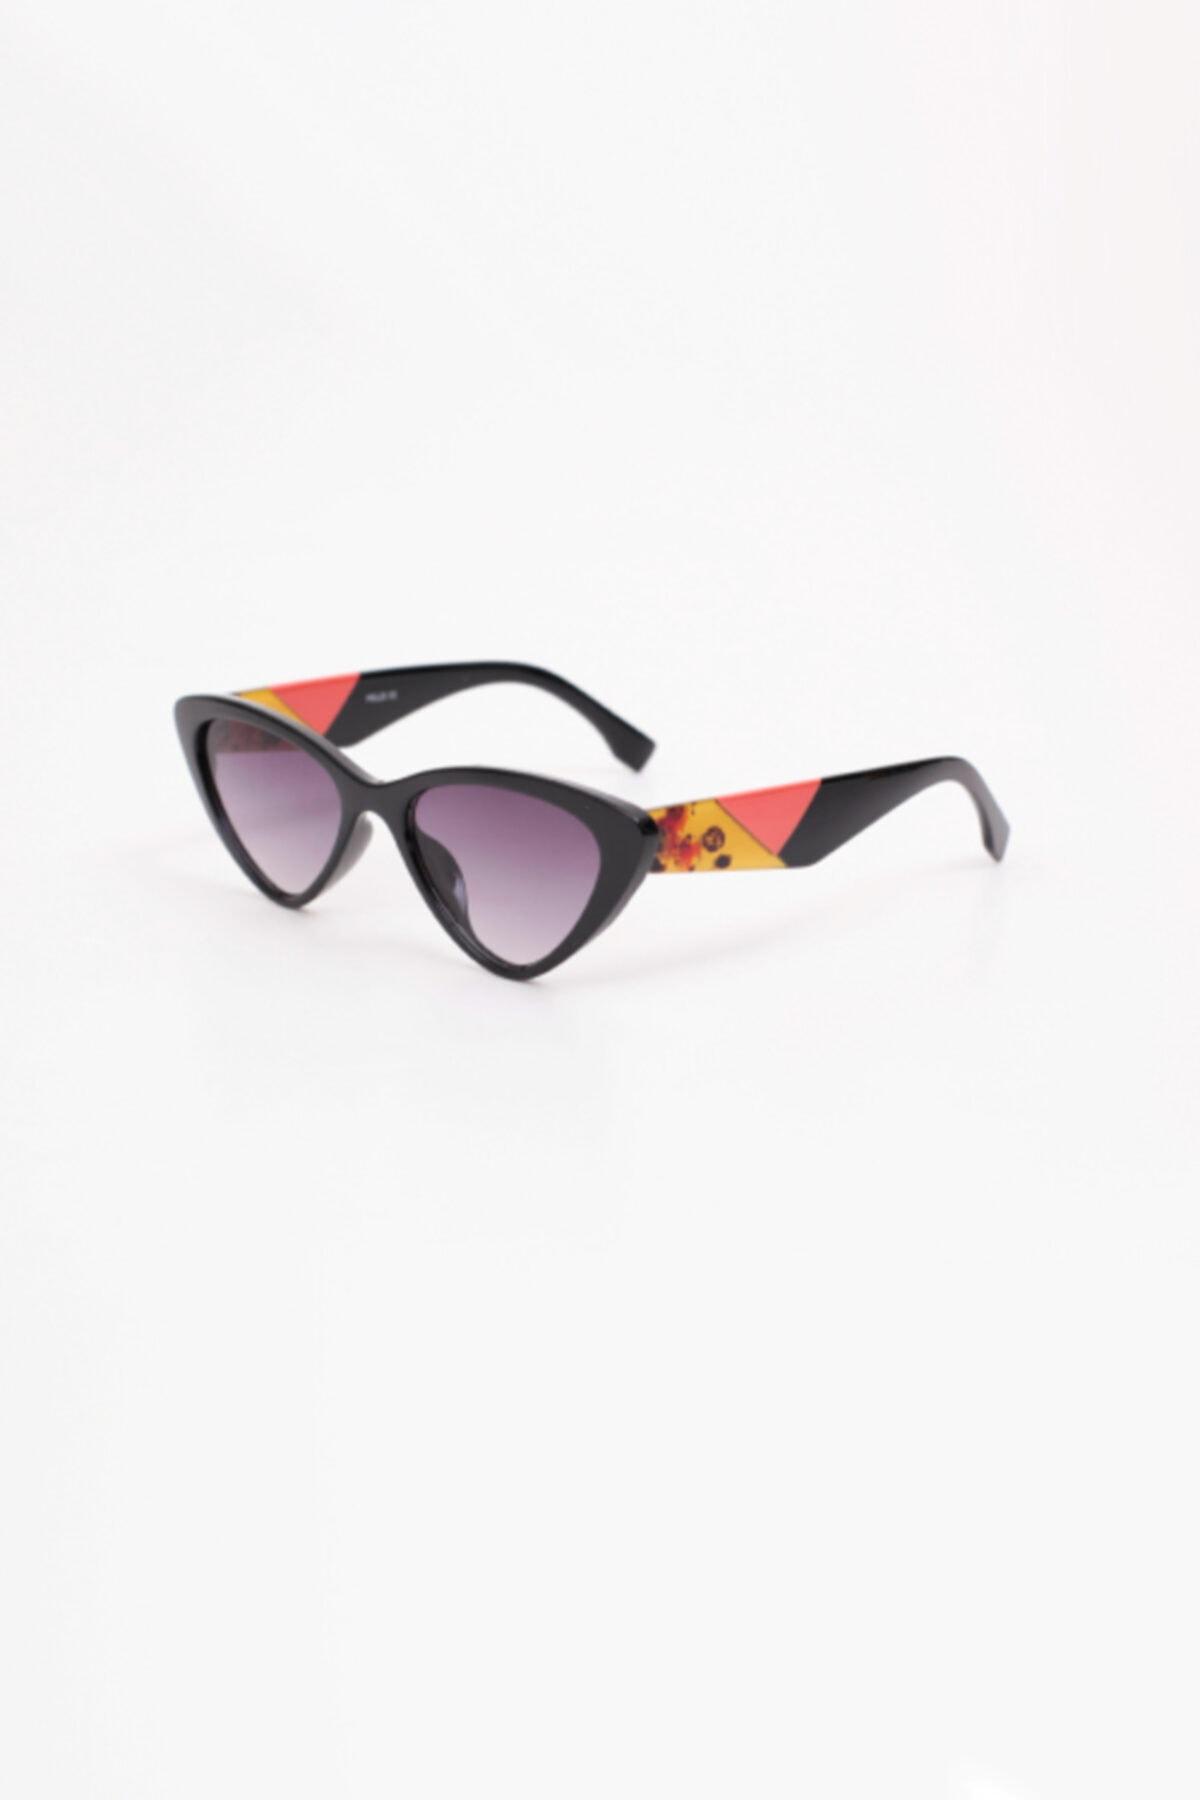 خرید اینترنتی عینک آفتابی بلند برند Kapin رنگ مشکی کد ty54950497